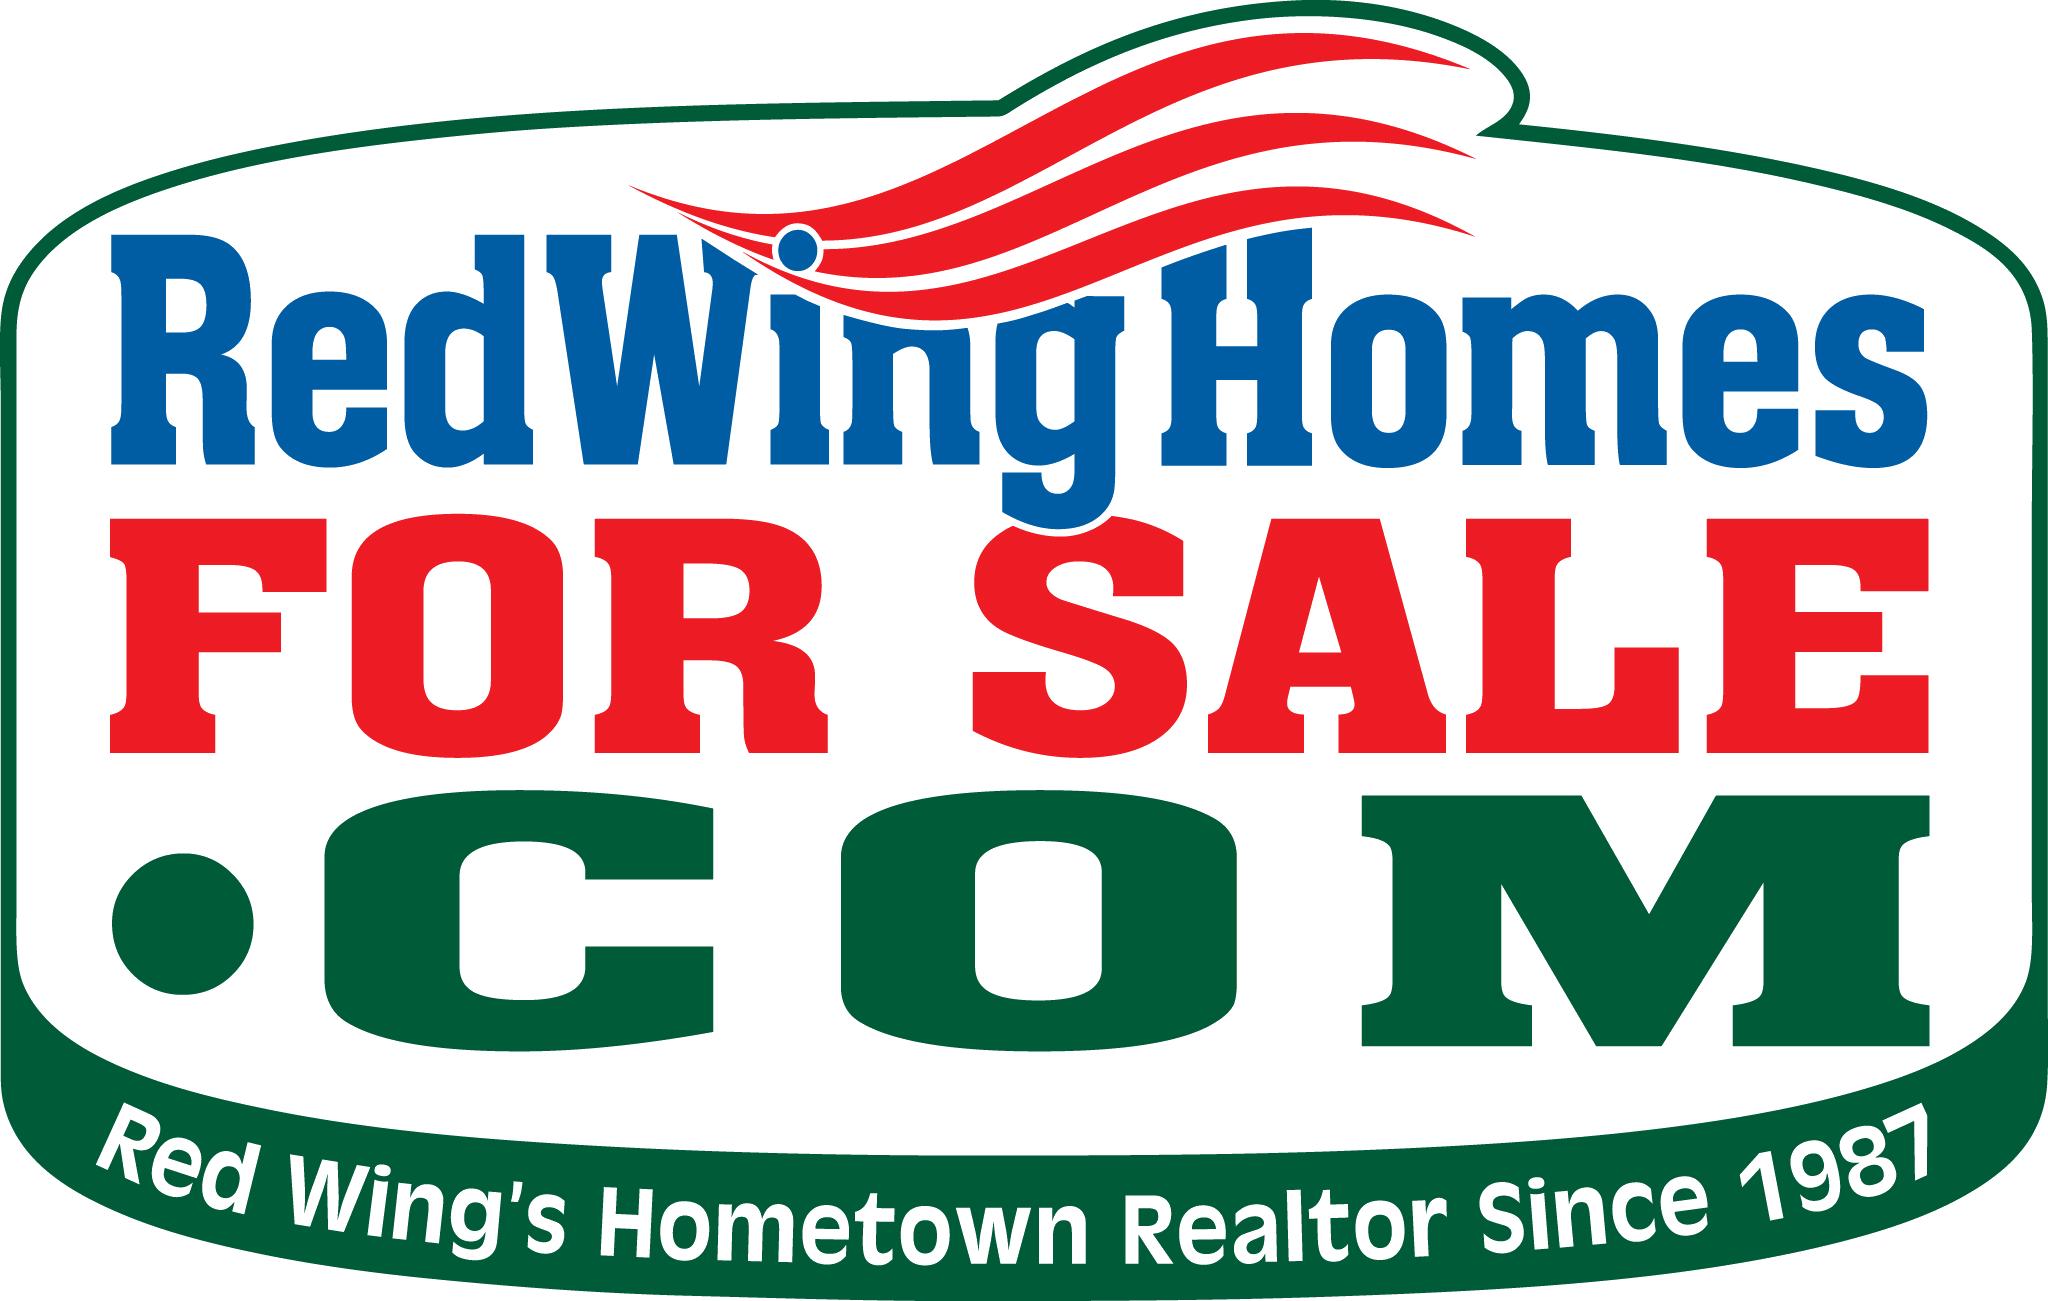 RedWingHomesForSale.com